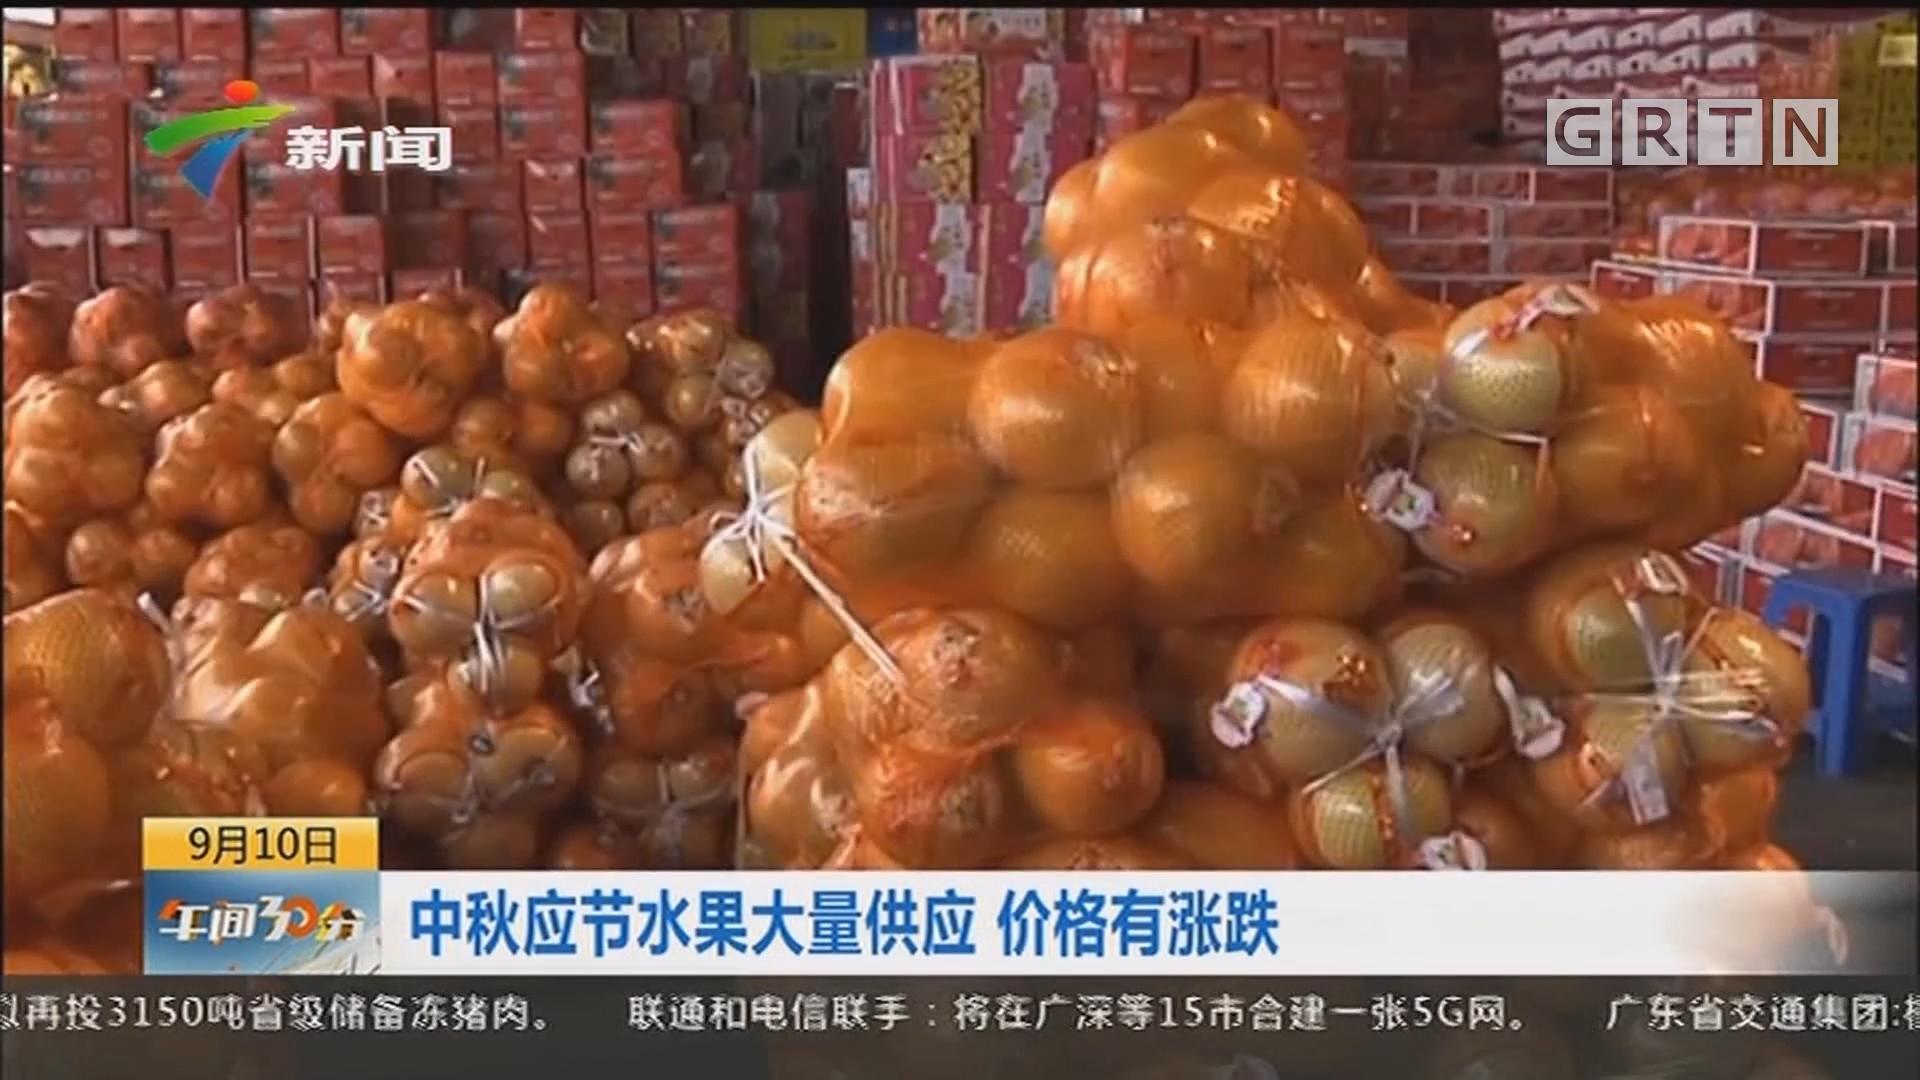 中秋应节水果大量供应 价格有涨跌